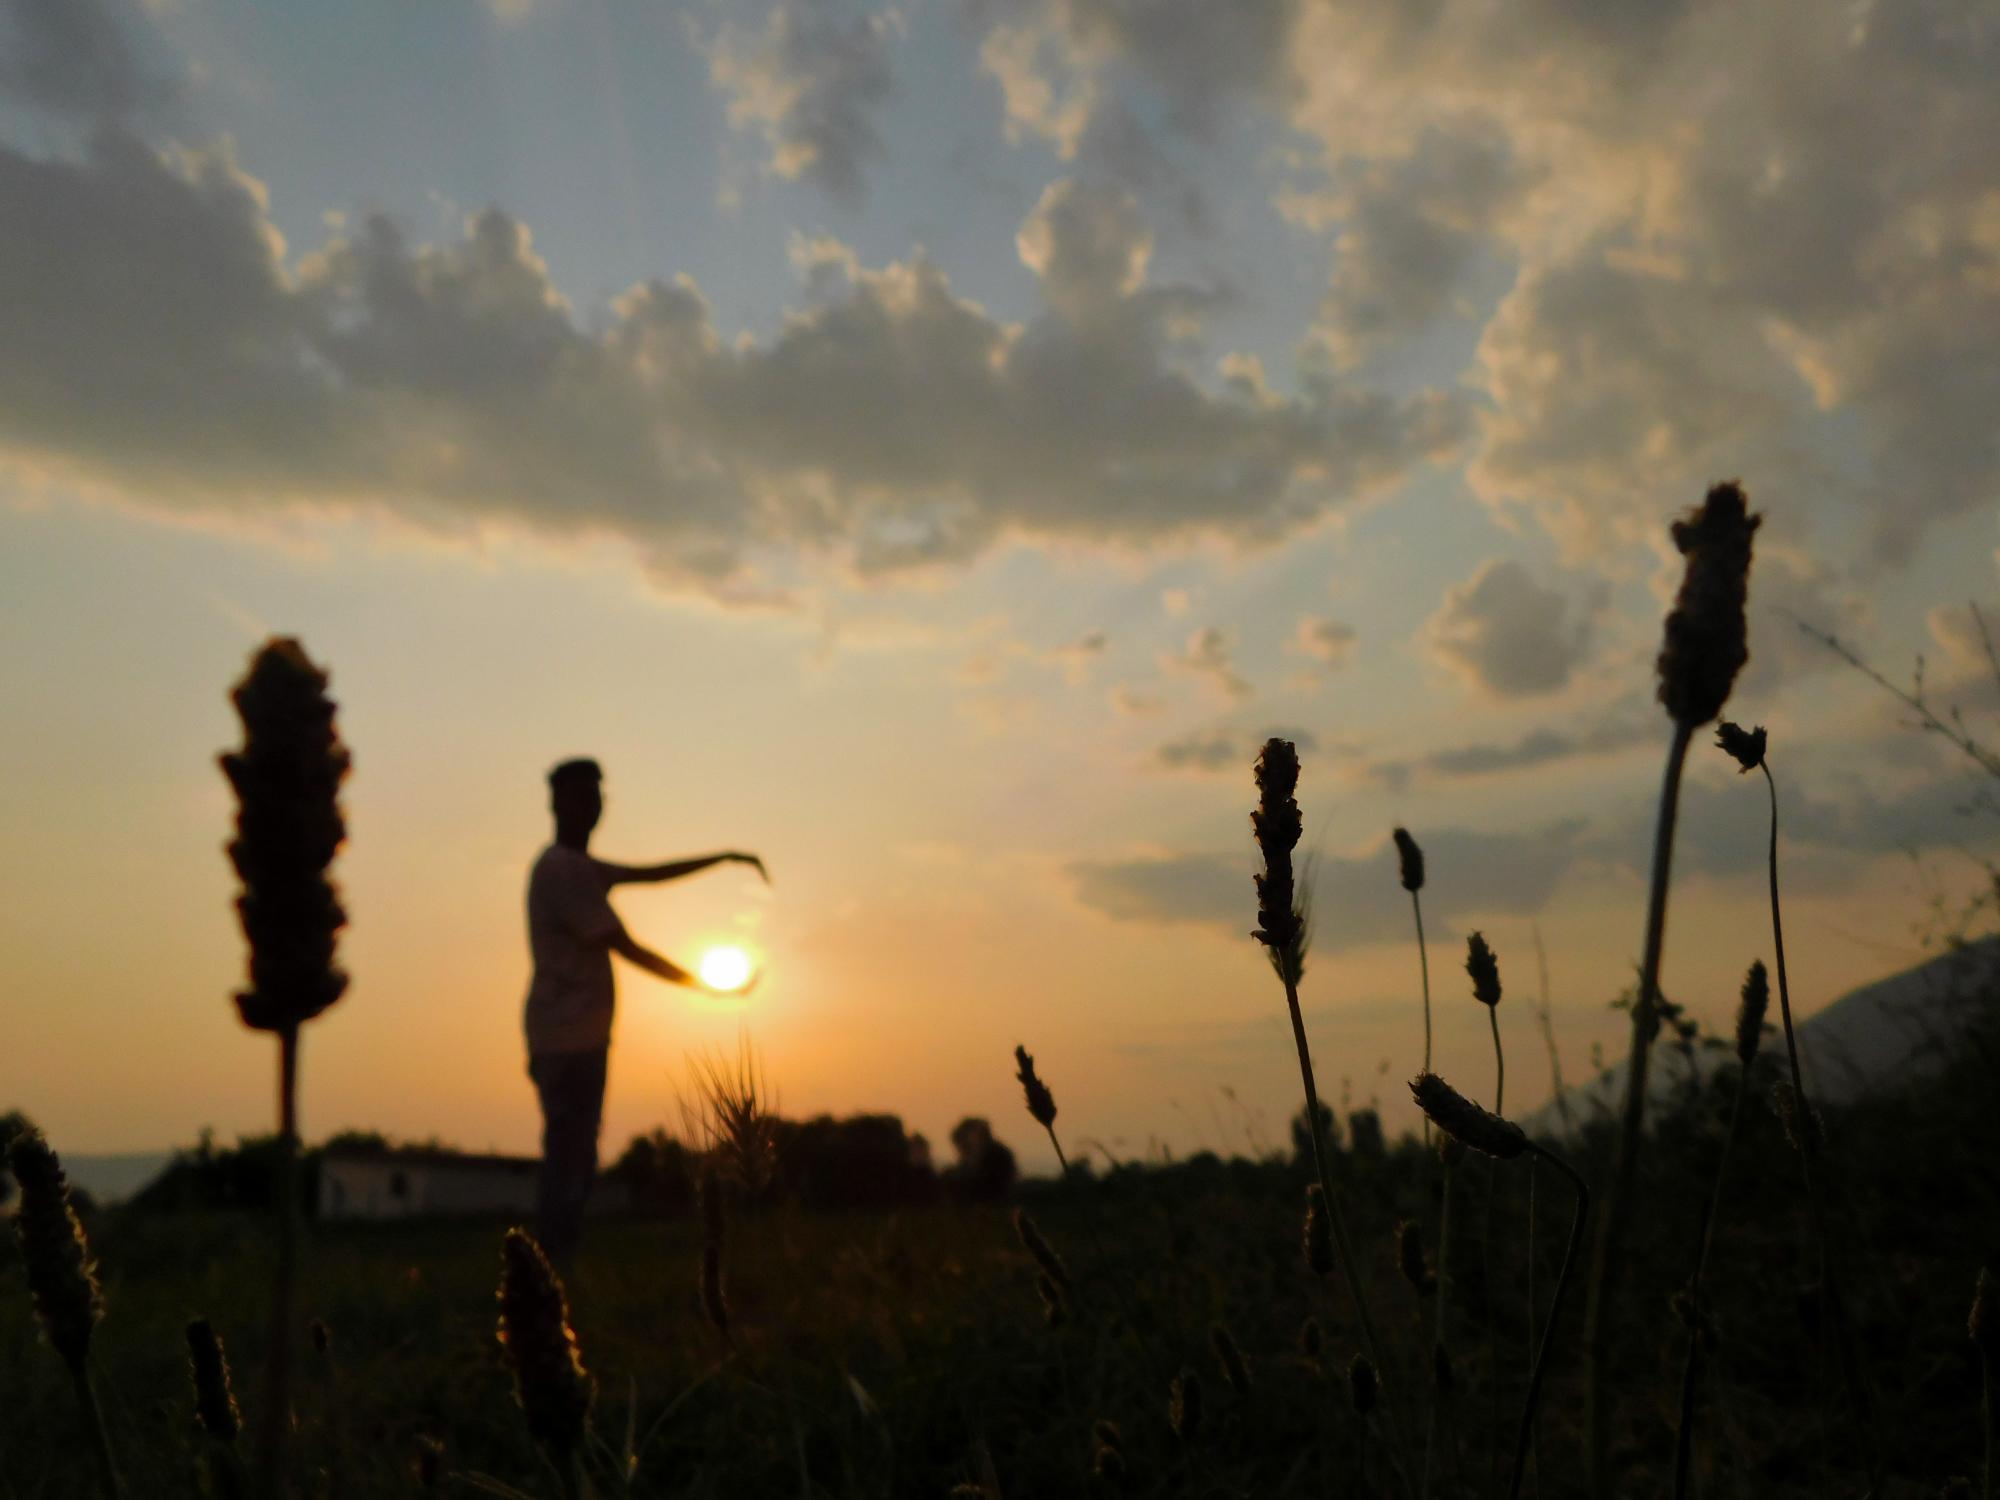 Εκθεση φωτογραφίας ασυνόδευτων ανηλίκων στα Ιωάννινα